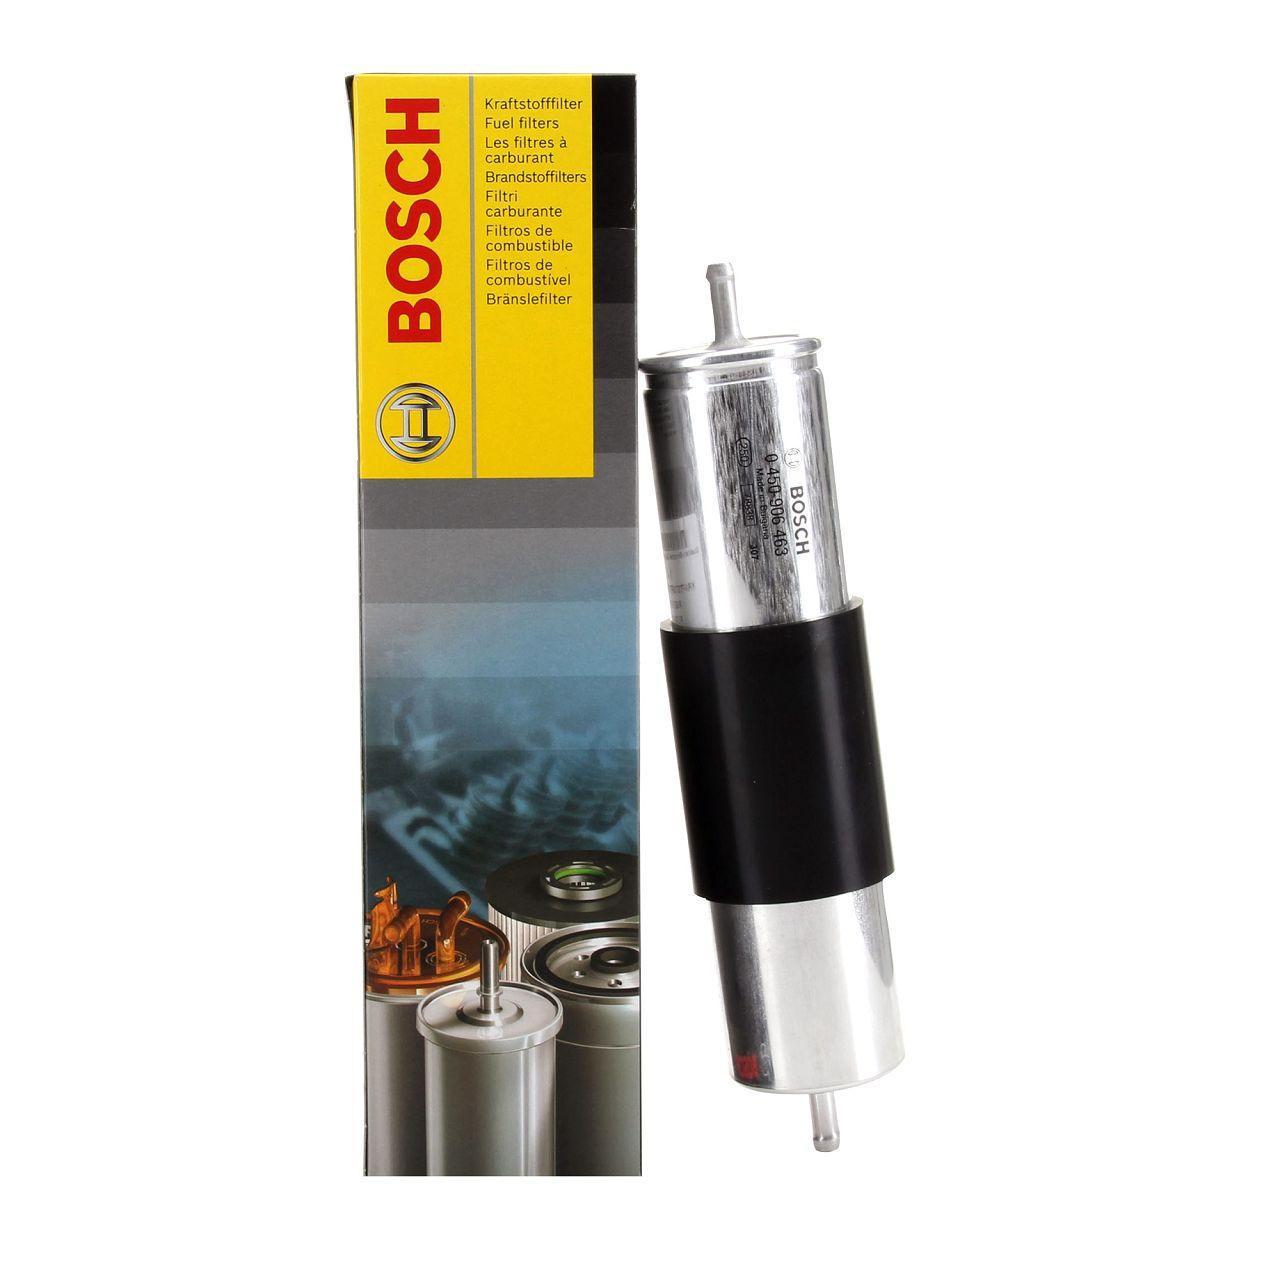 BOSCH Kraftstofffilter Dieselfilter für BMW E53 X5 3.0D 211/218 PS 16126765756